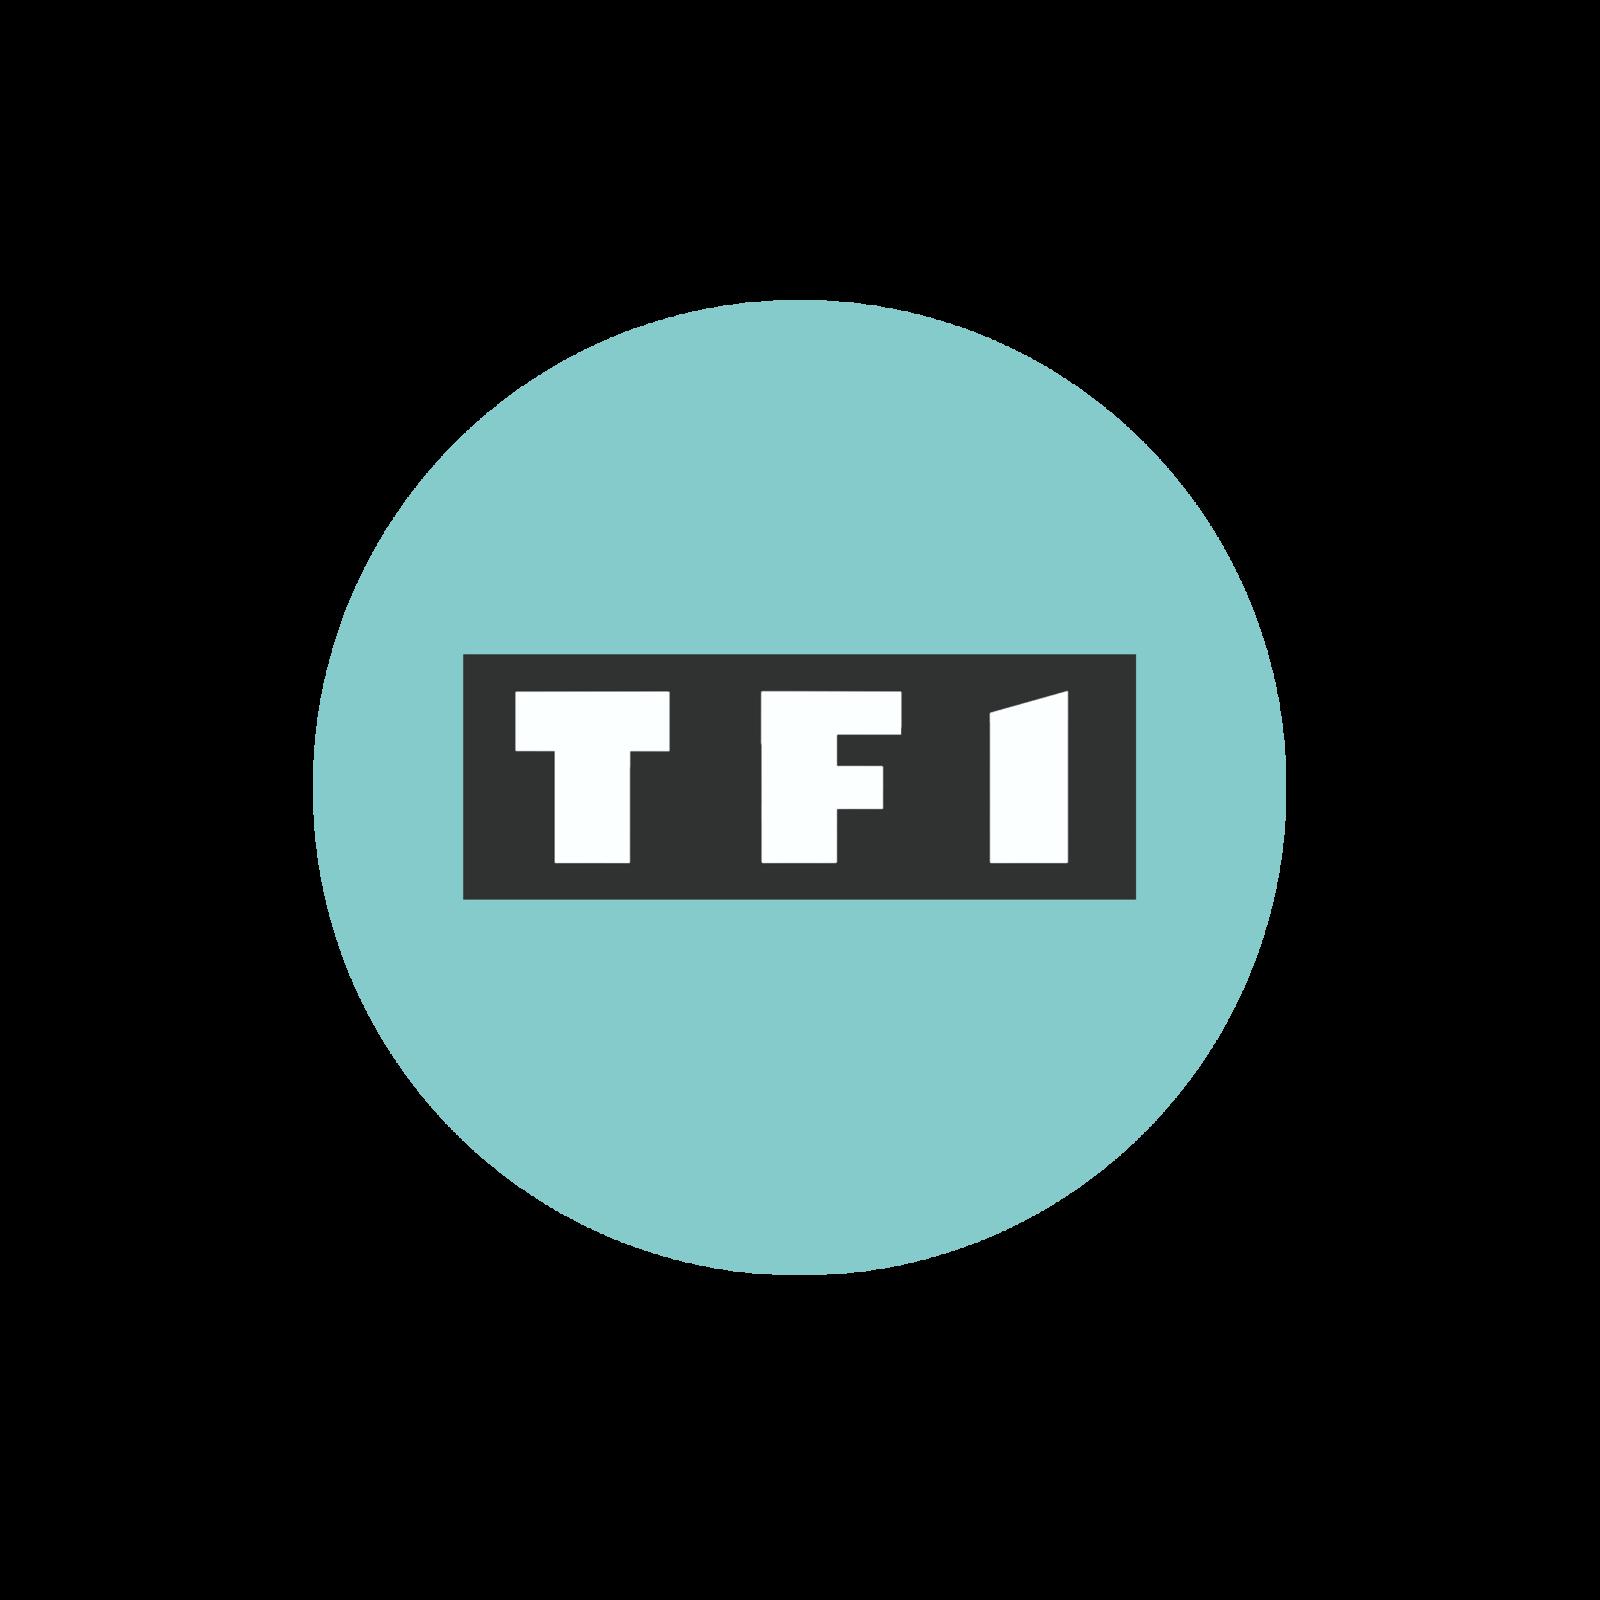 Le retour de Dechavanne le 27 février avec The Wall sur TF1.